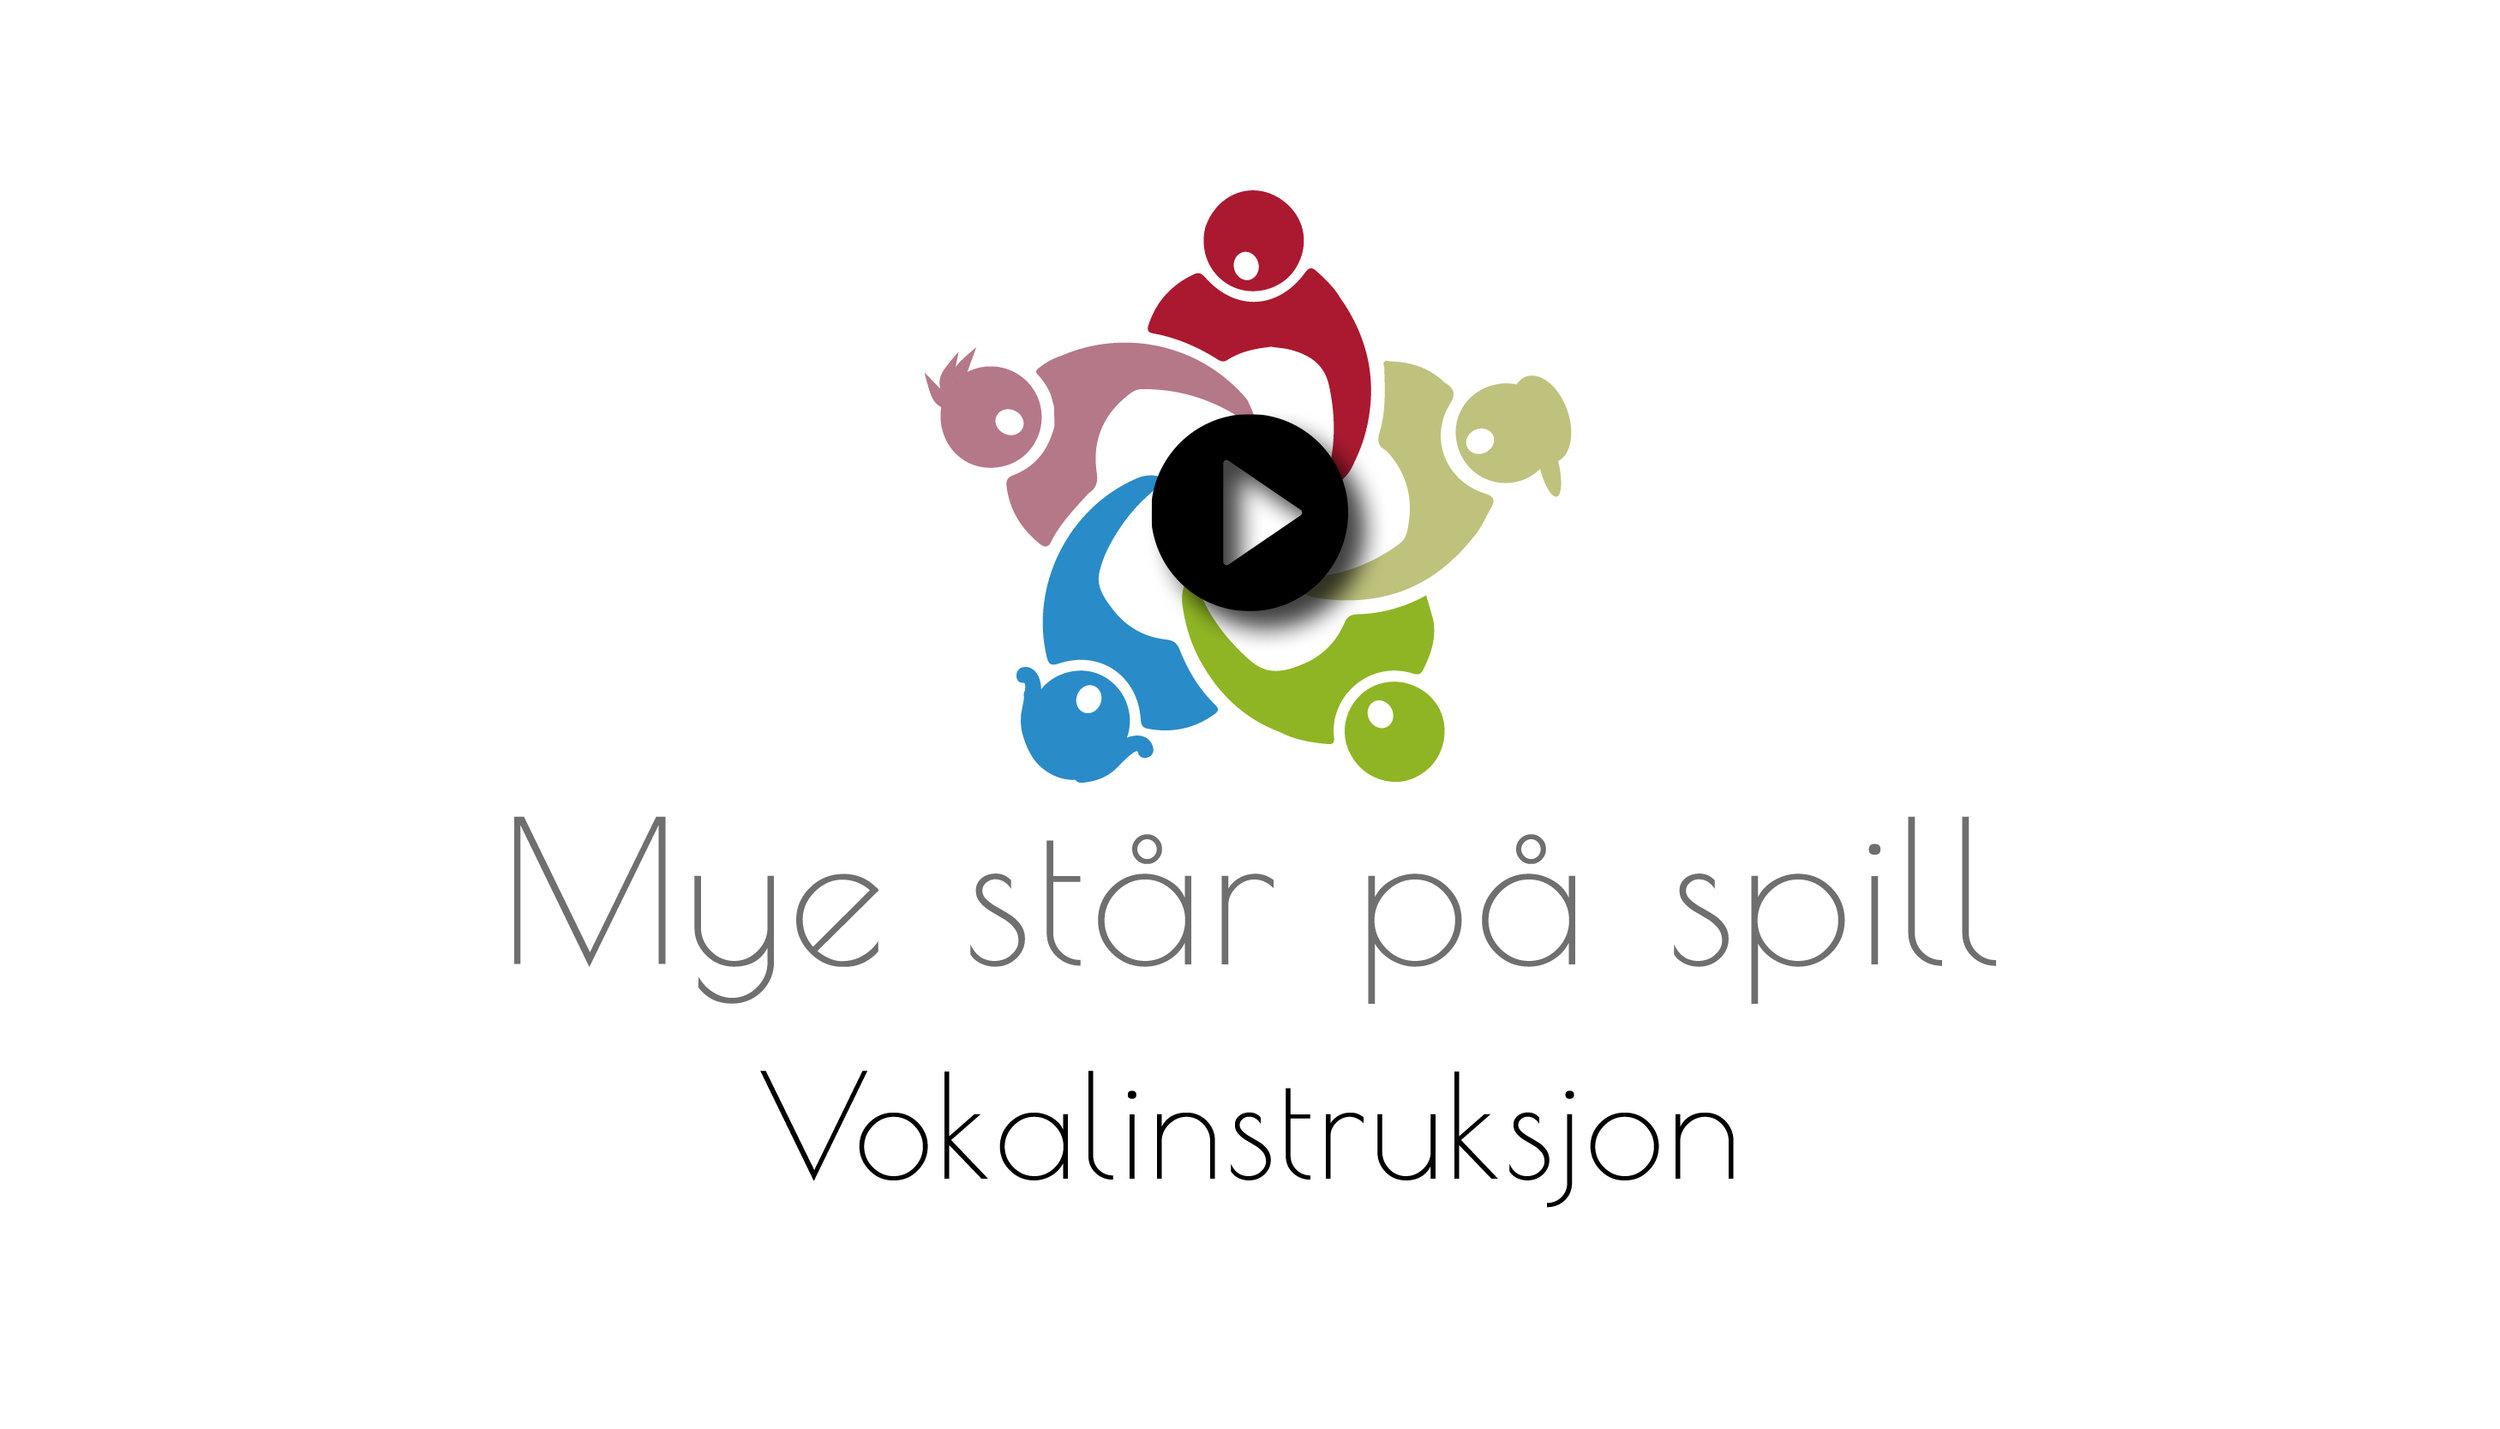 SSD Logo video Mye står på spill Vokalinstruksjon.jpg